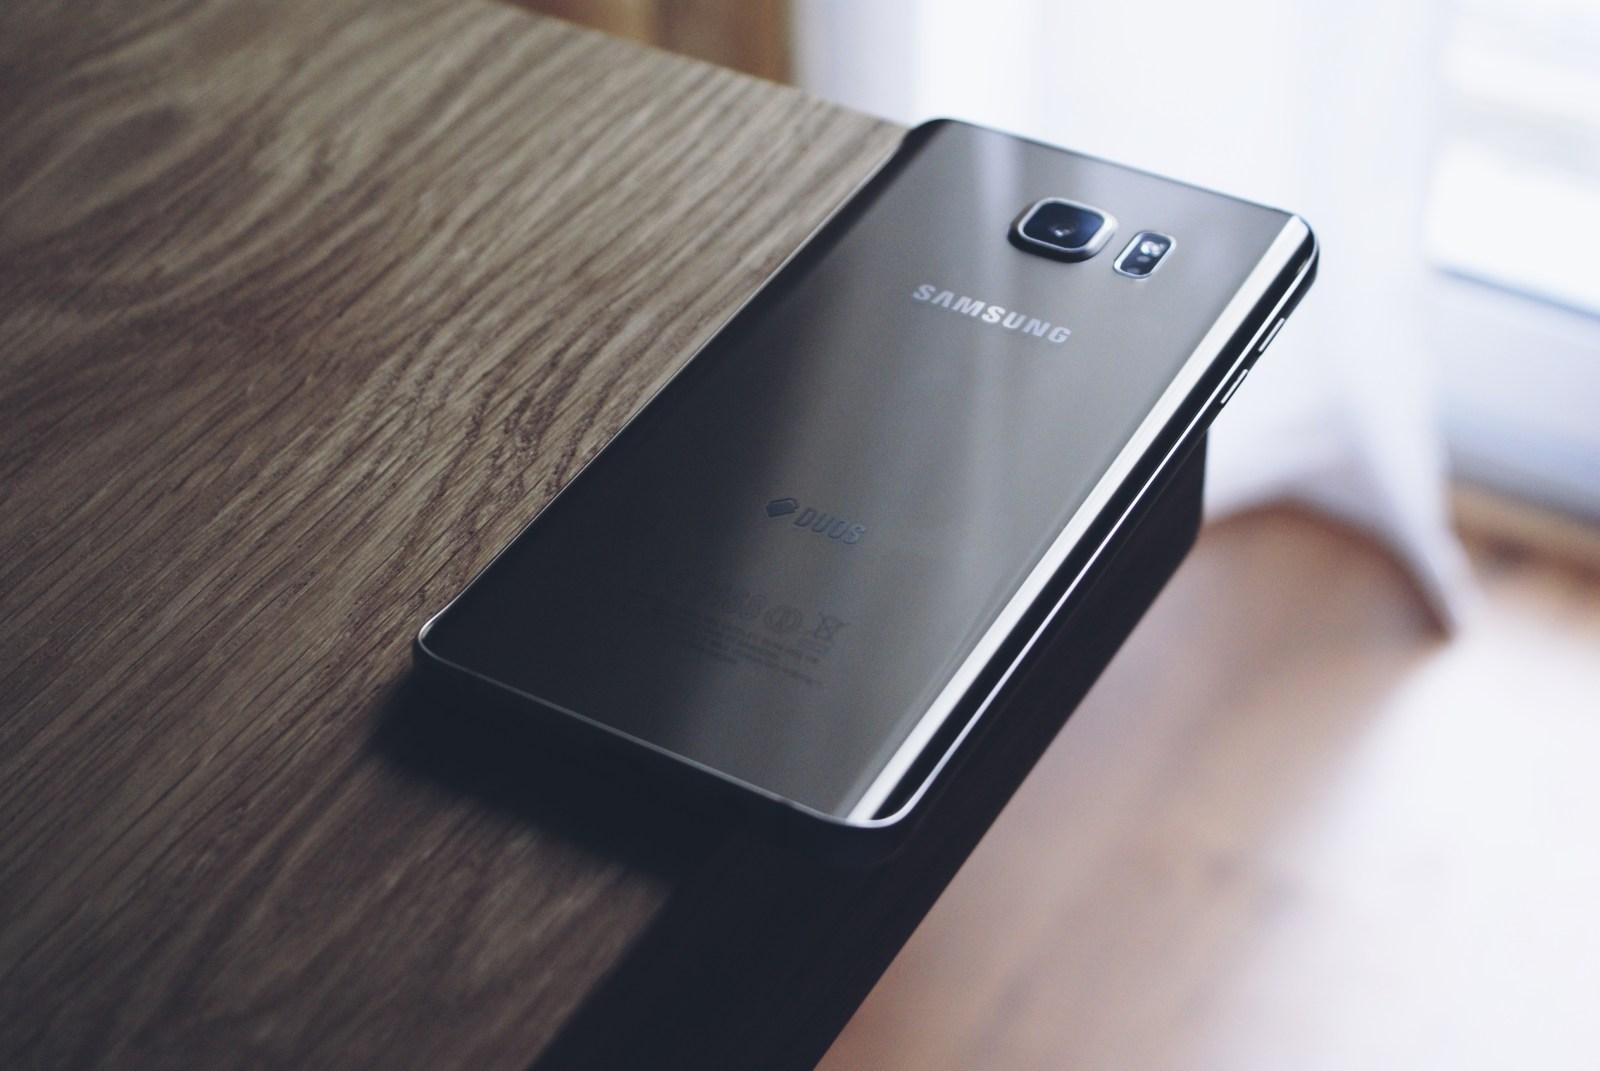 Samsung confirme l'arrivée de ce qui serait le Galaxy Note 20 et le Galaxy Fold 2 cette année